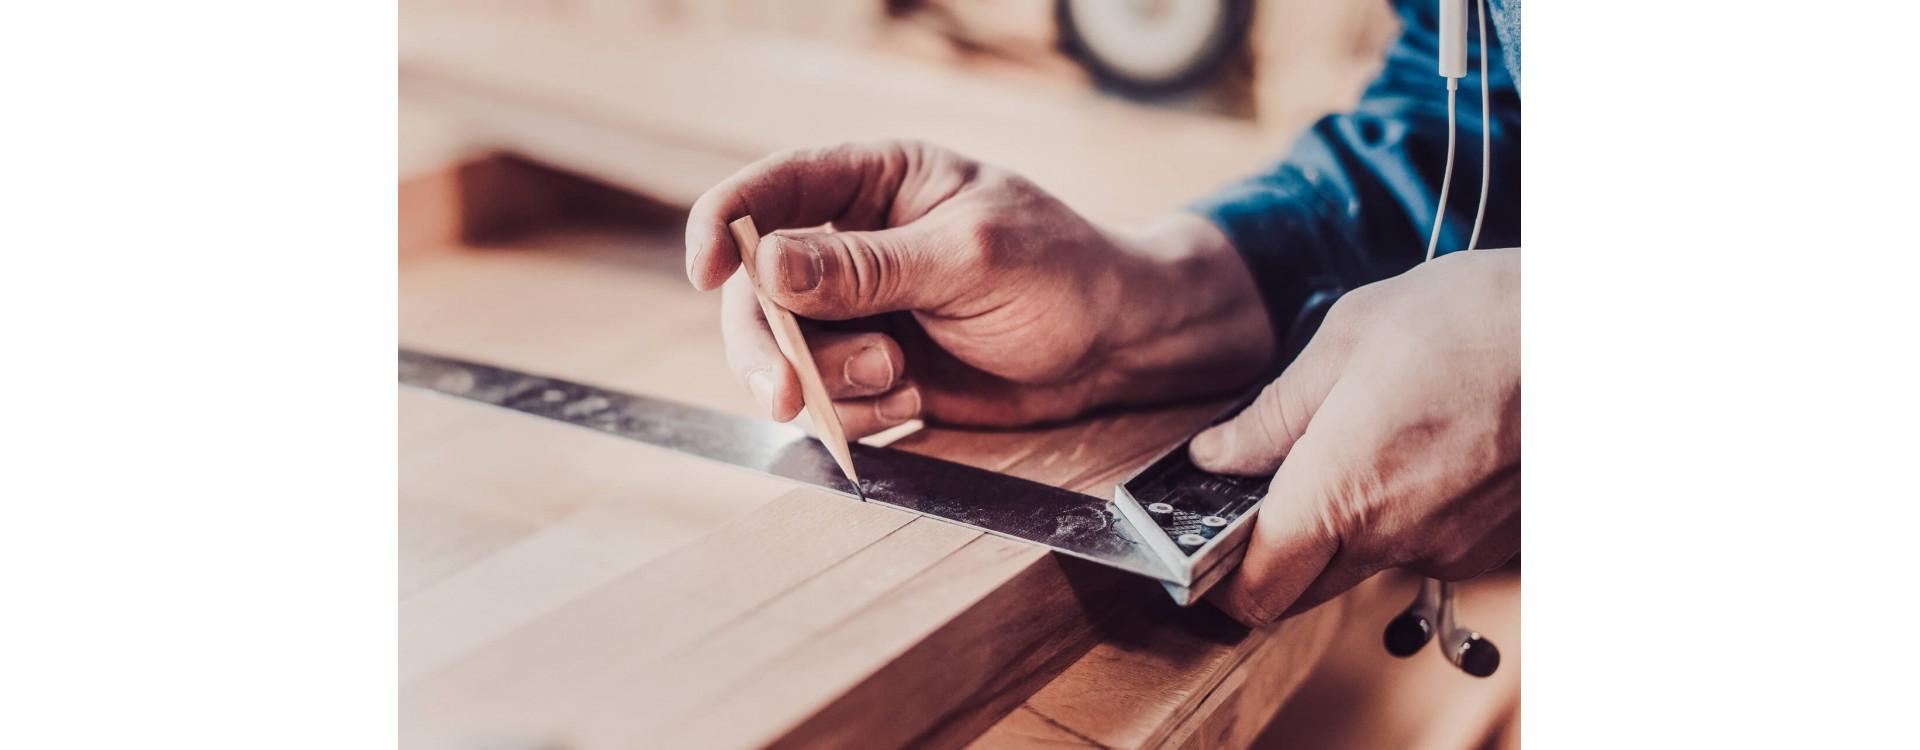 Come squadrare una tavola di legno in modo semplice: consigli pratici